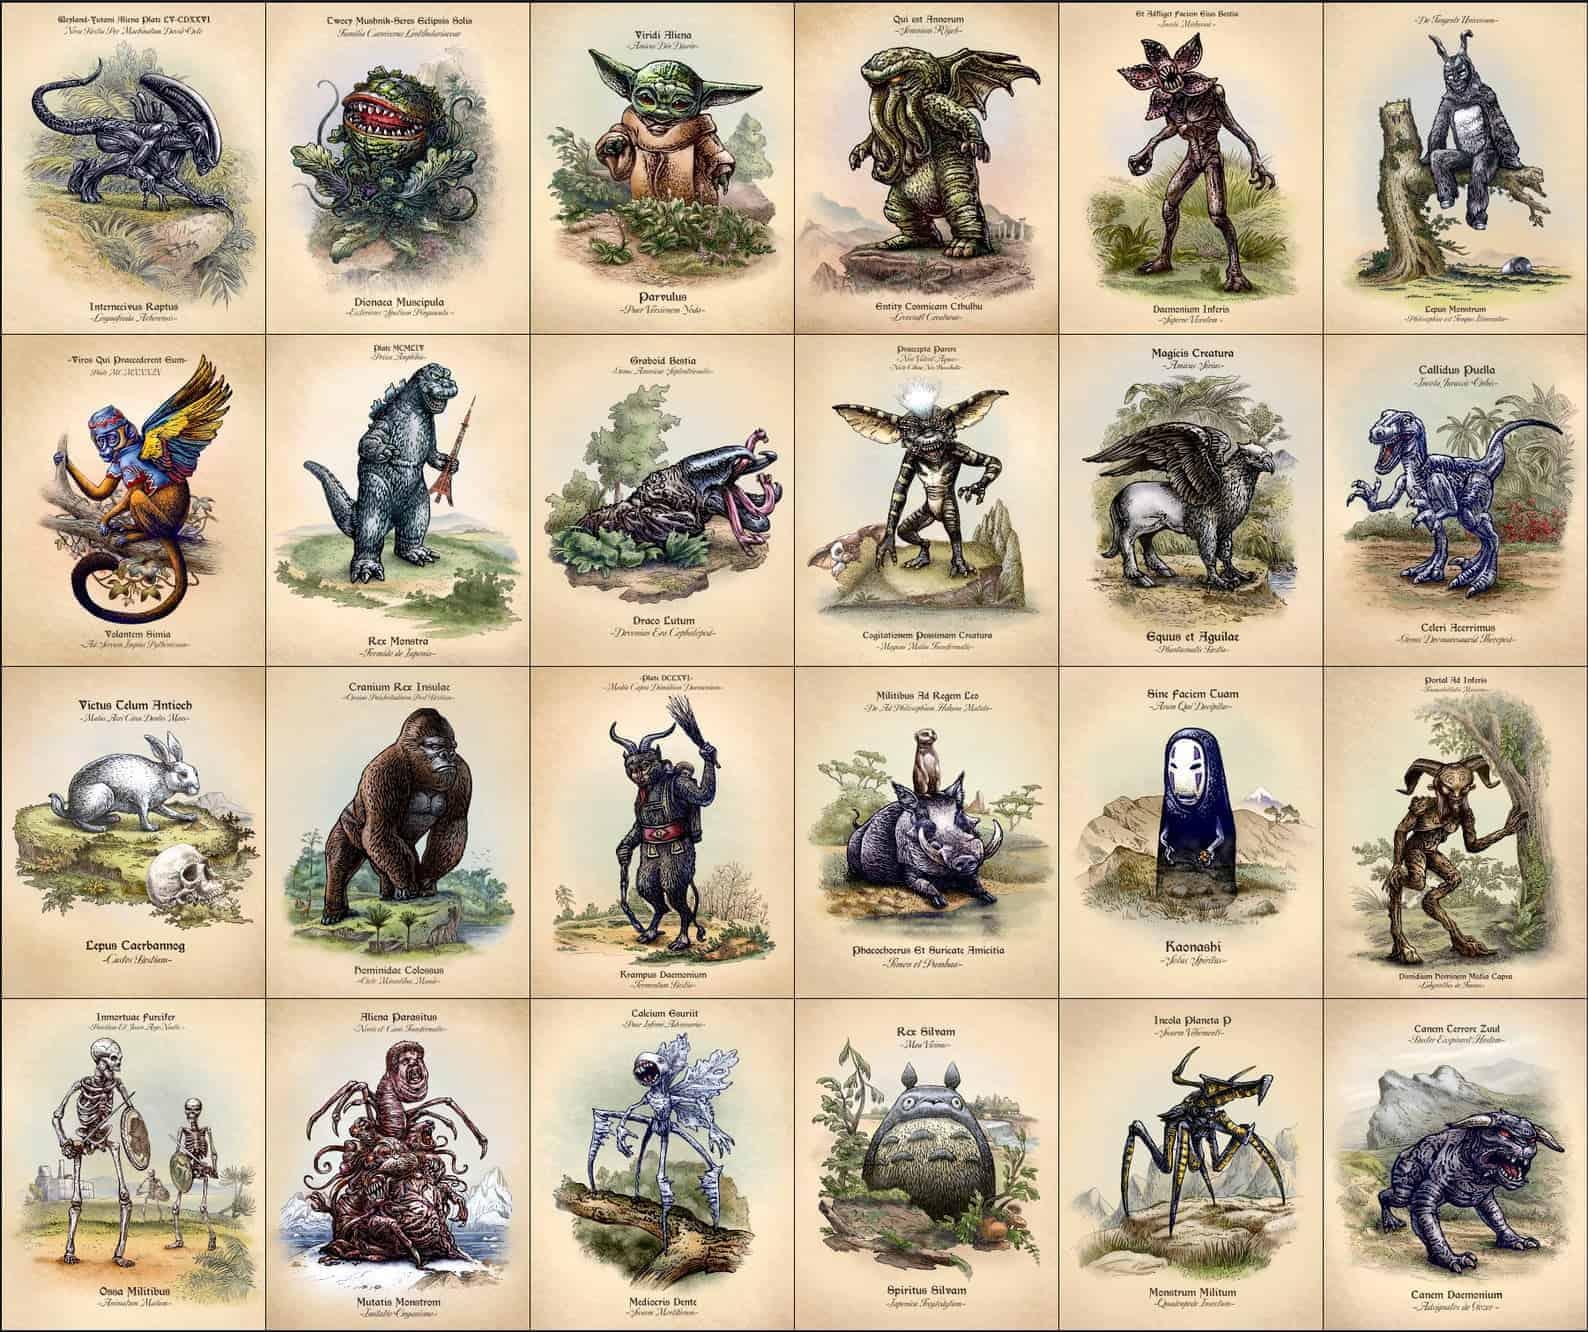 Wetenschappelijke namen voor iconen uit de populaire cultuur